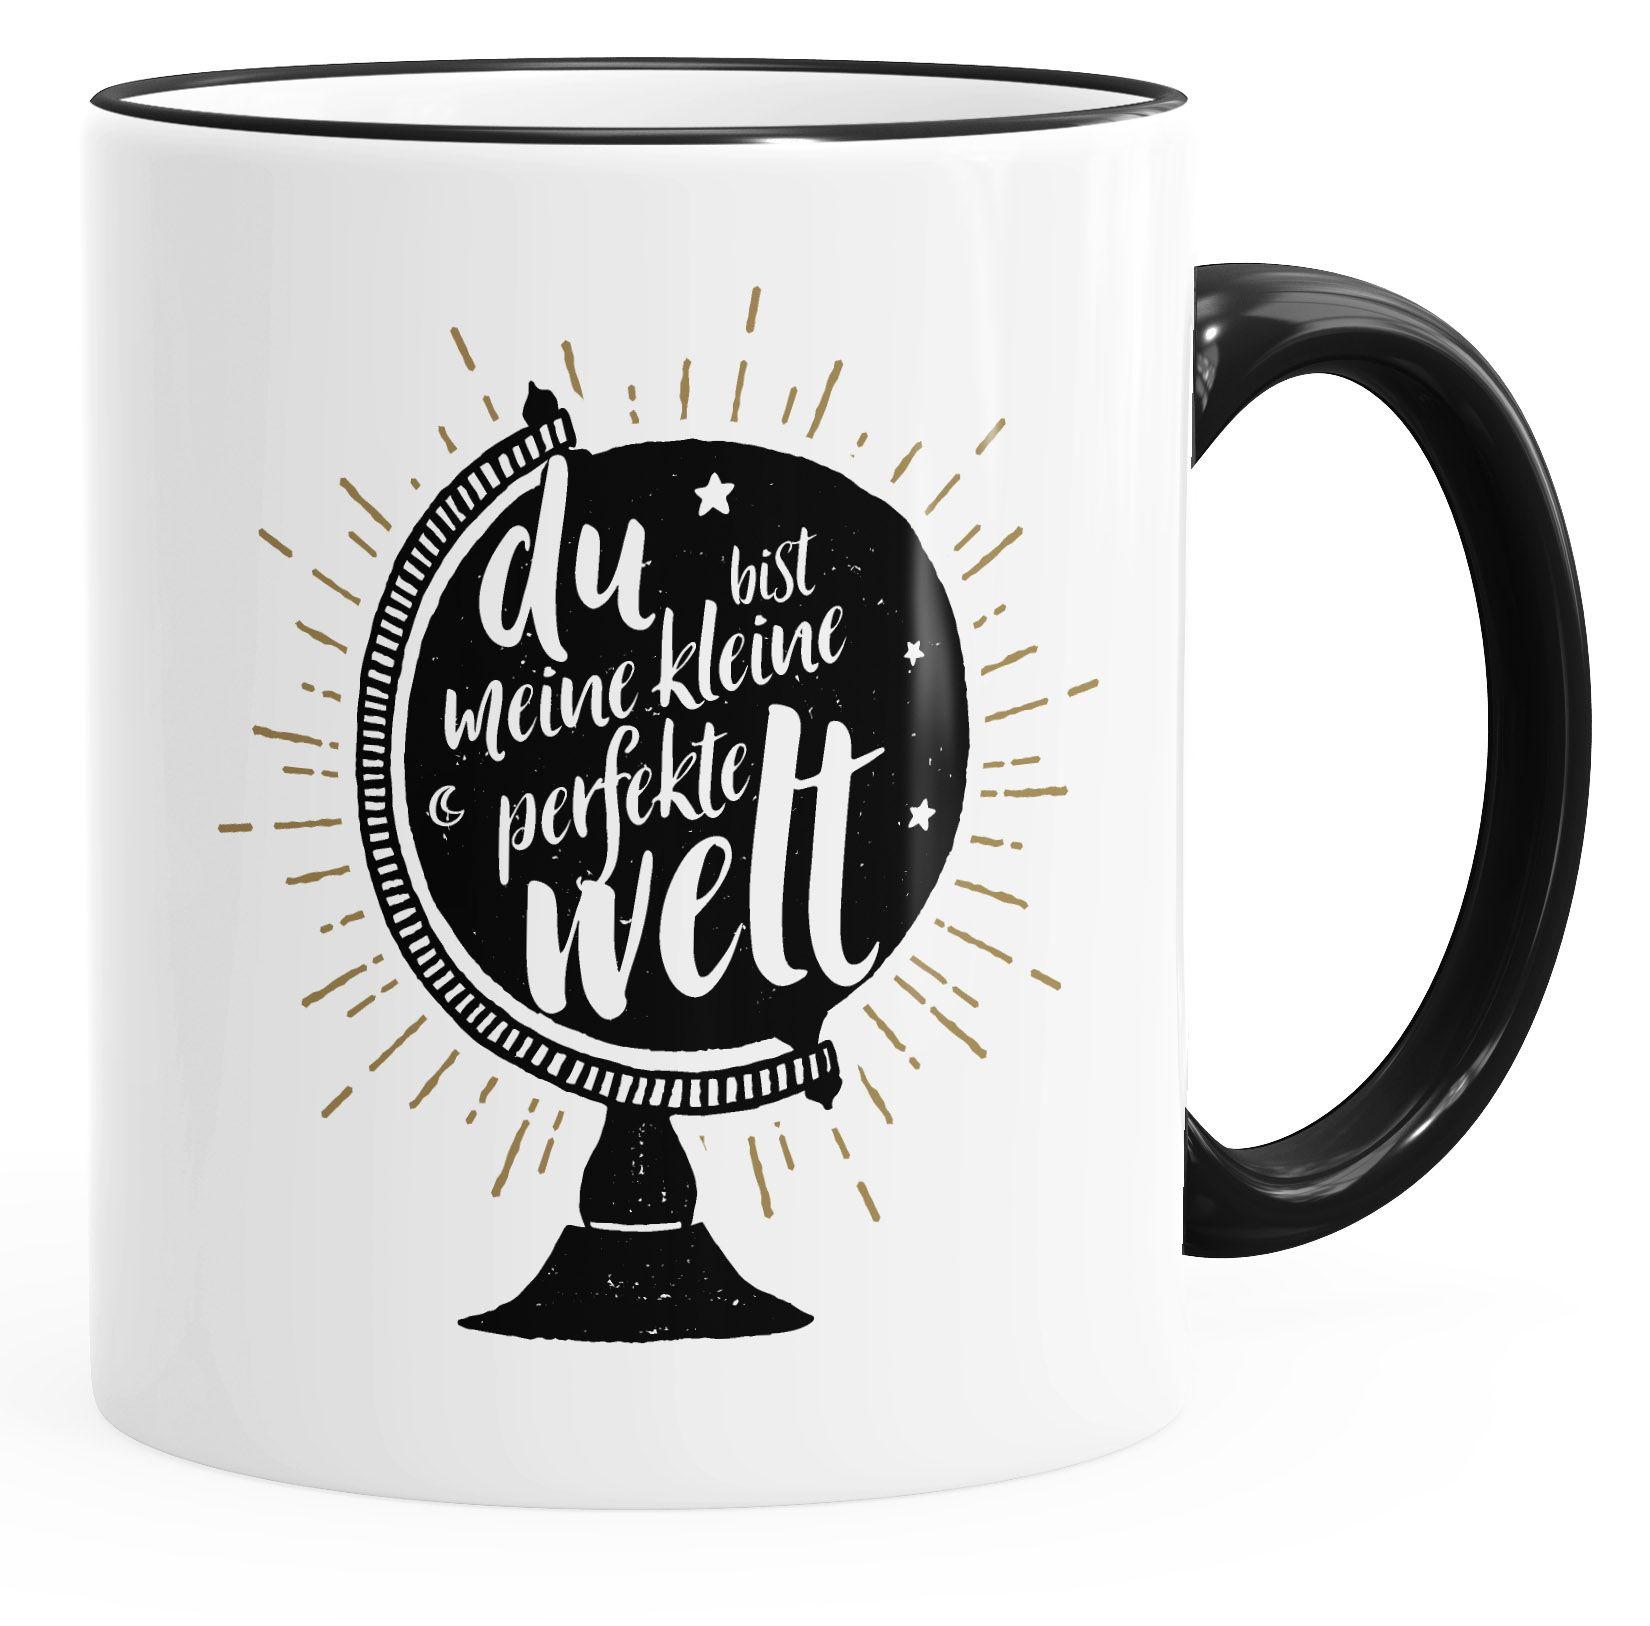 Kaffeebecher Bamboo-To-Go-Becher Du bist meine kleine perfekte Welt